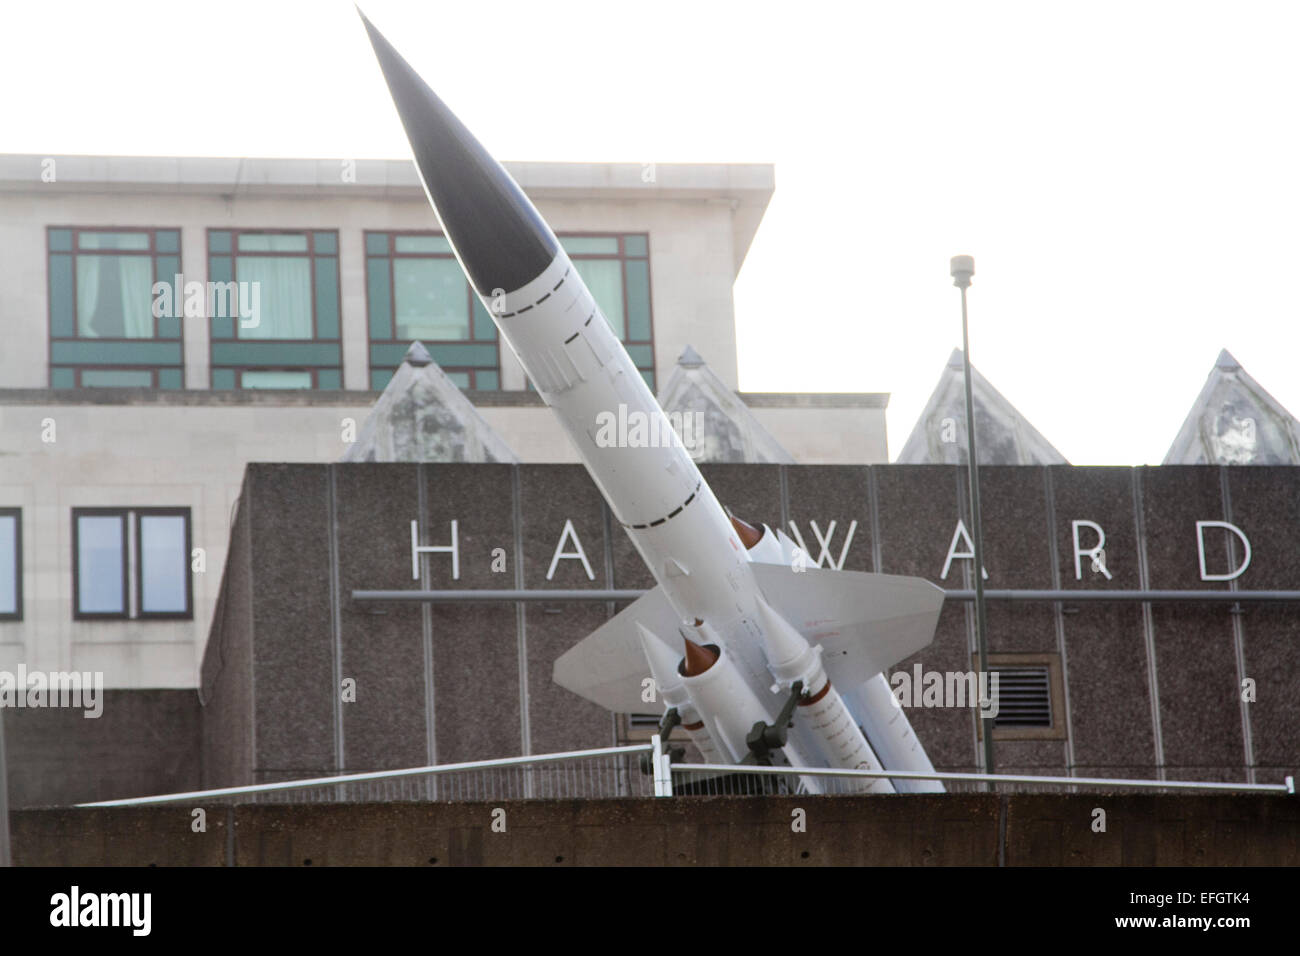 Londres, Reino Unido. 4 de febrero de 2015. Una guerra fría bloodhound lanzamisiles creada por el artista Richard Foto de stock